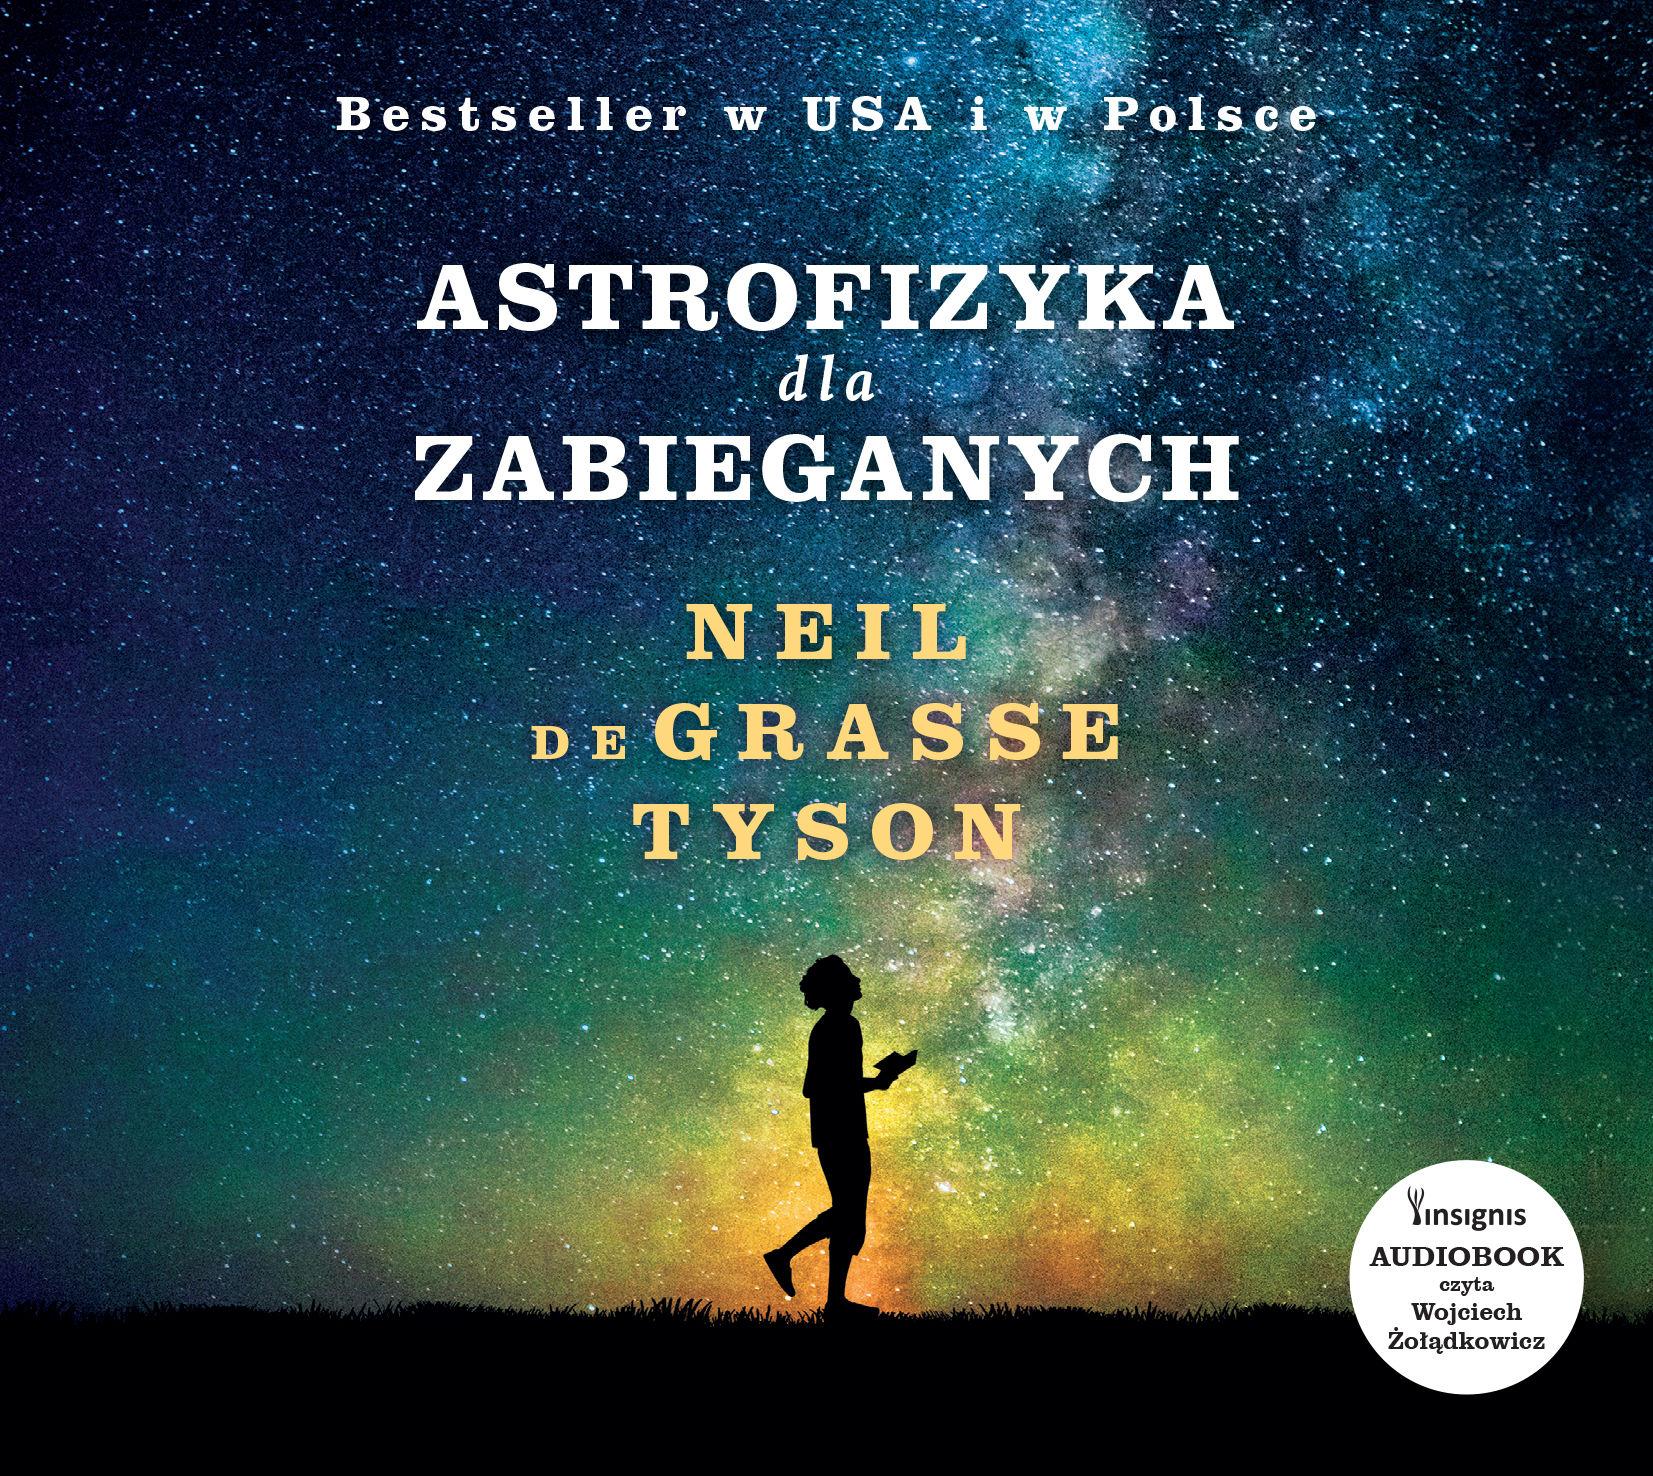 Astrofizyka dla zabieganych - Neil Tyson - audiobook